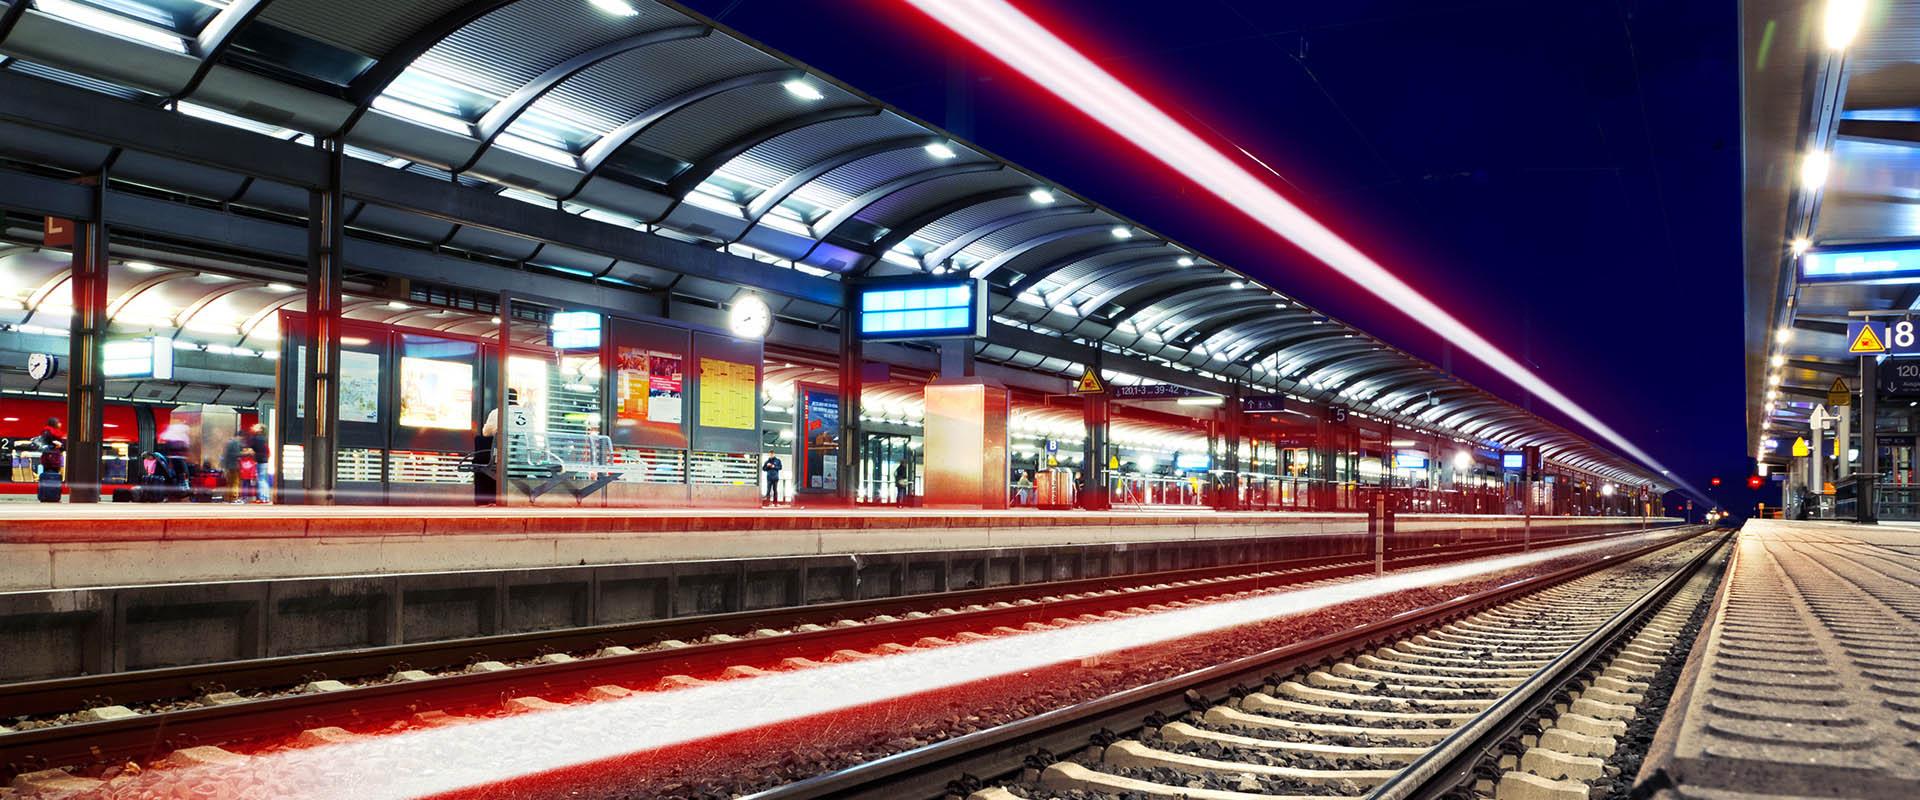 Startseite_Bahnhof_1920x800